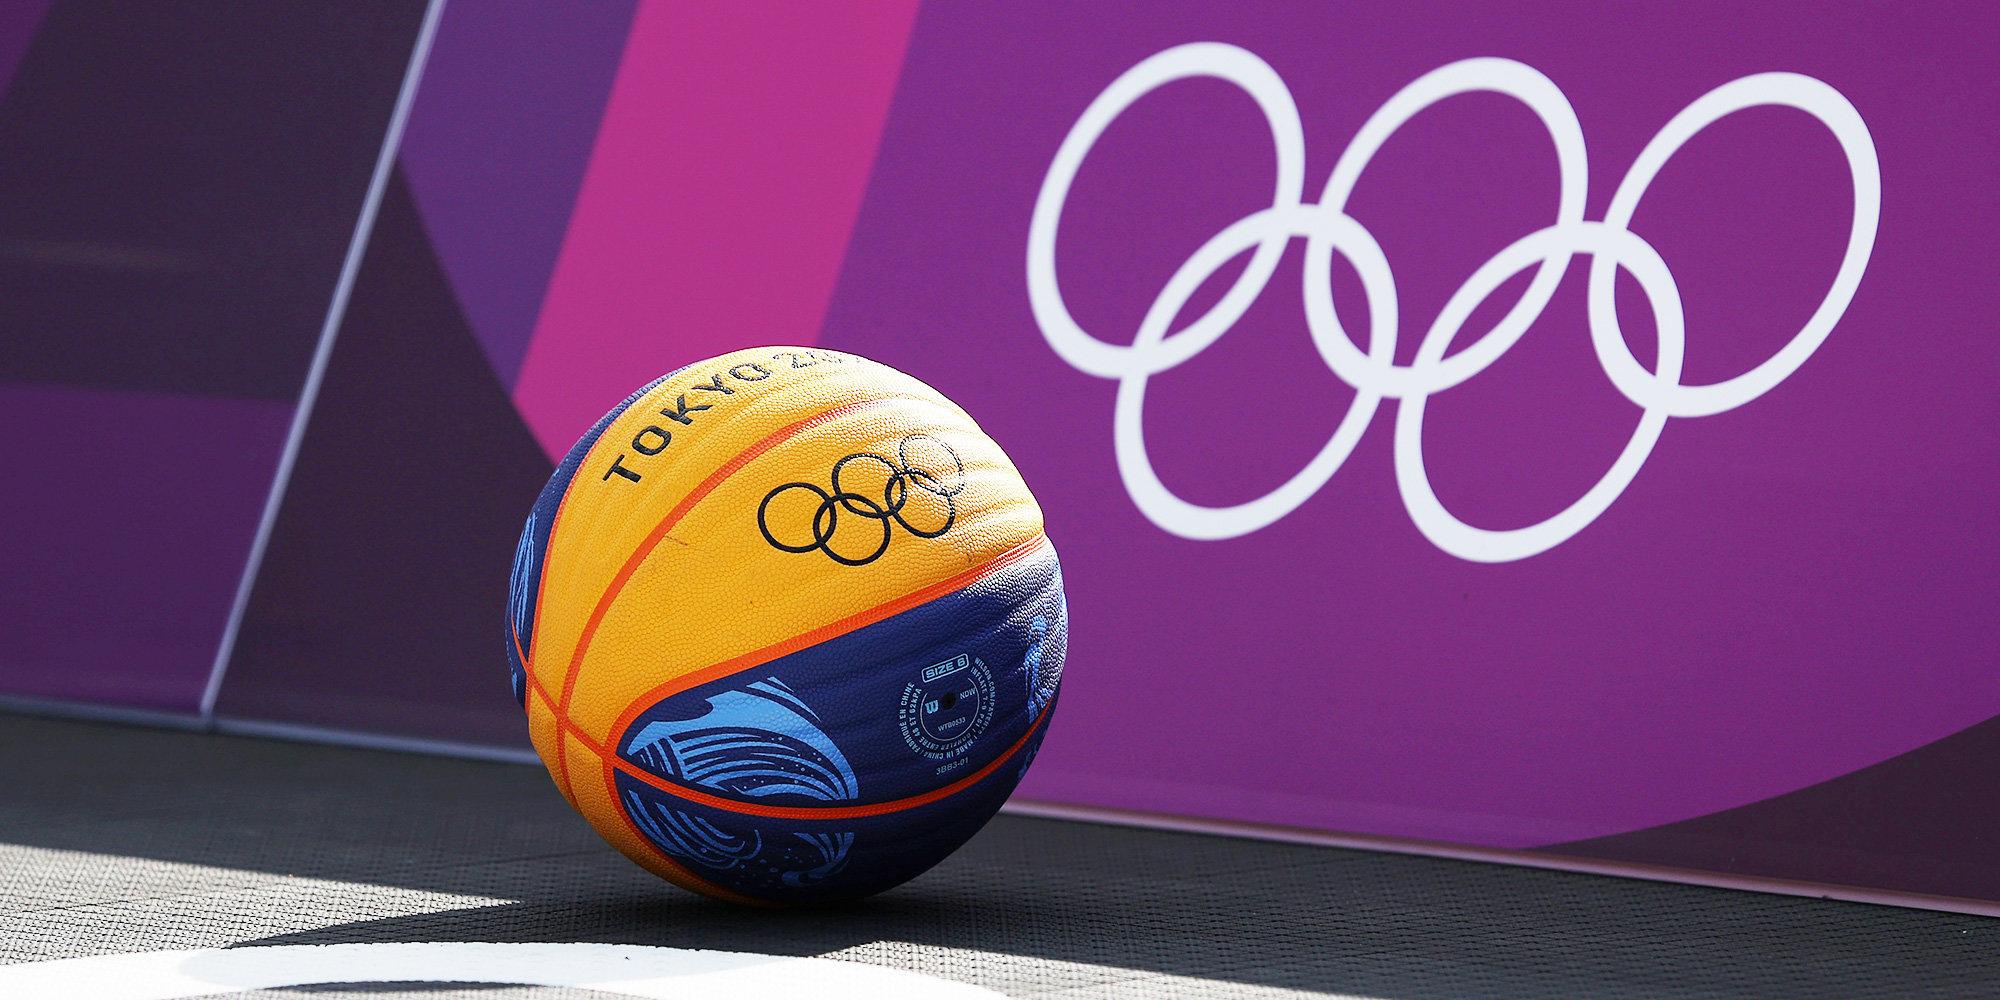 Сборная России сыграет с Нидерландами в 1/4 финала Олимпиады